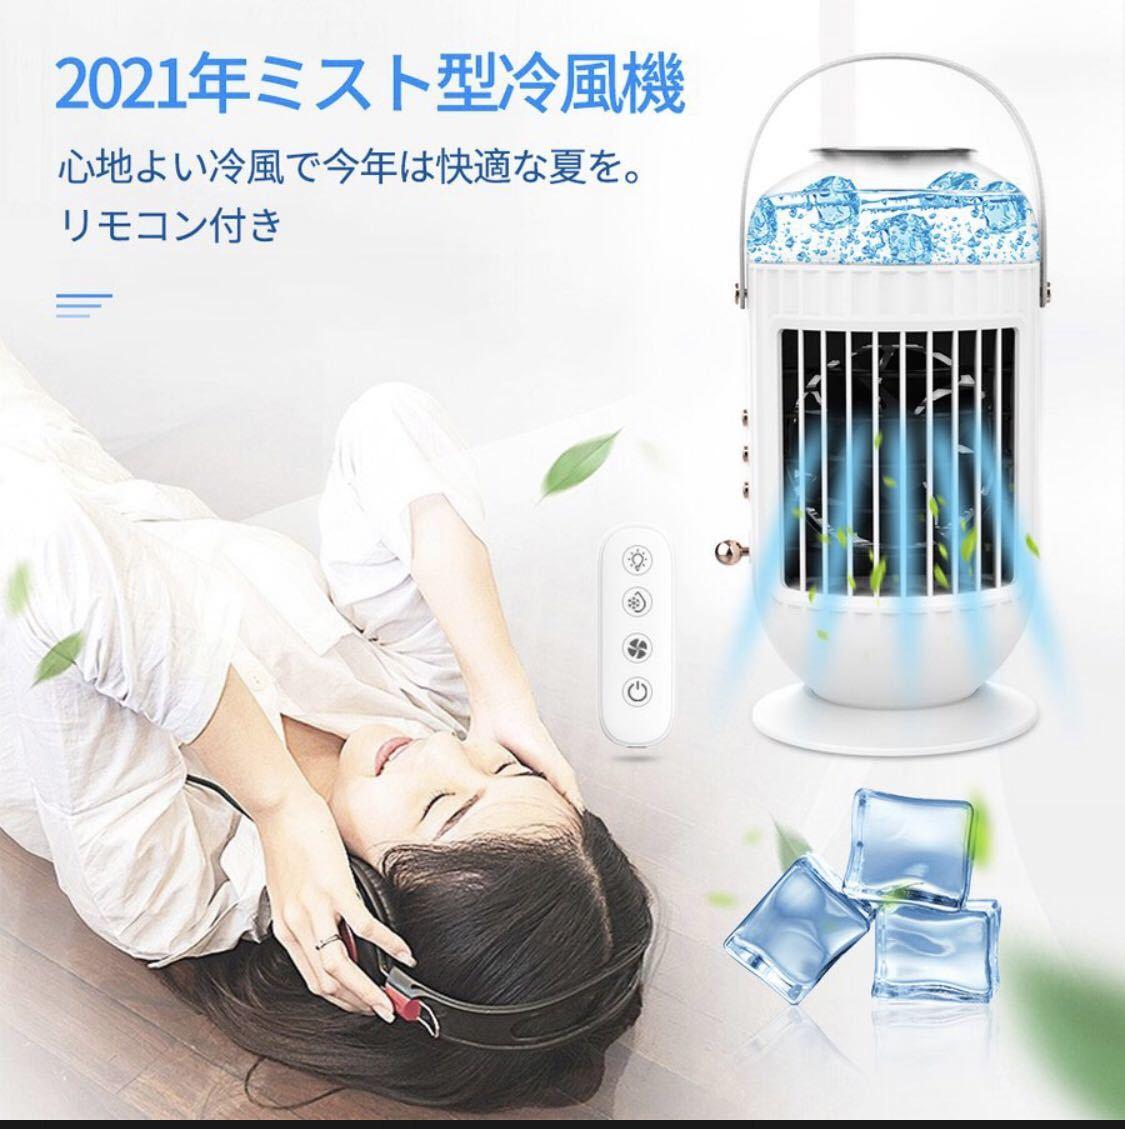 冷風扇 リモコン ミスト 卓上 冷風機 USB給電 扇風機 冷却 加湿 空気浄化 1台多役 3段階風量 多色LEDライト アロマ対応 ホワイト_画像3